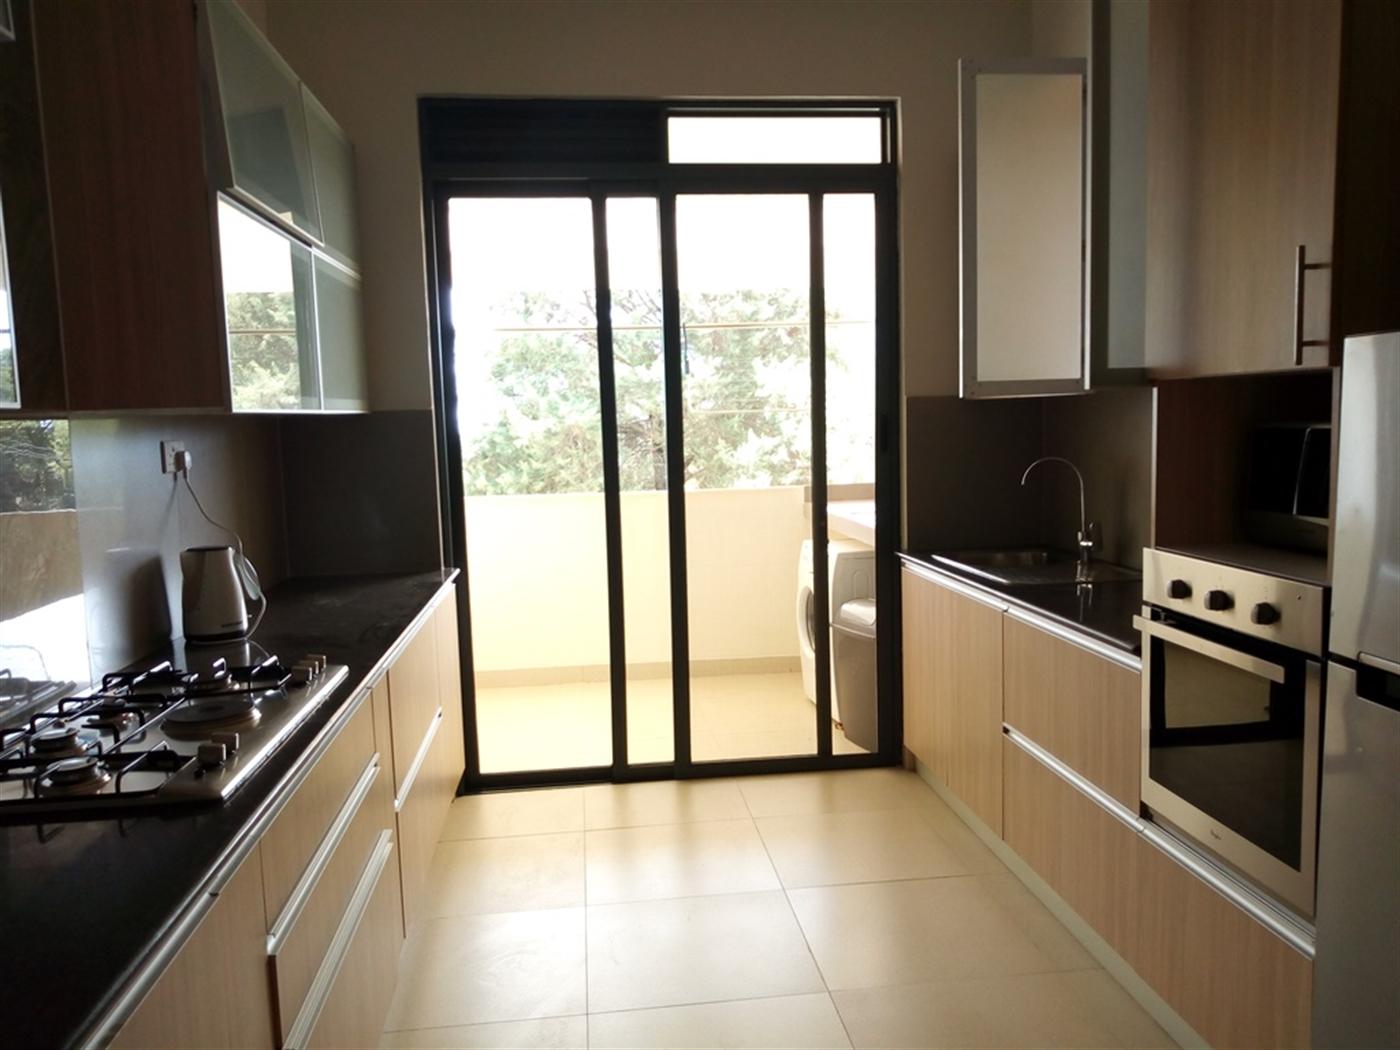 Apartment for rent in Mawanda Kampala